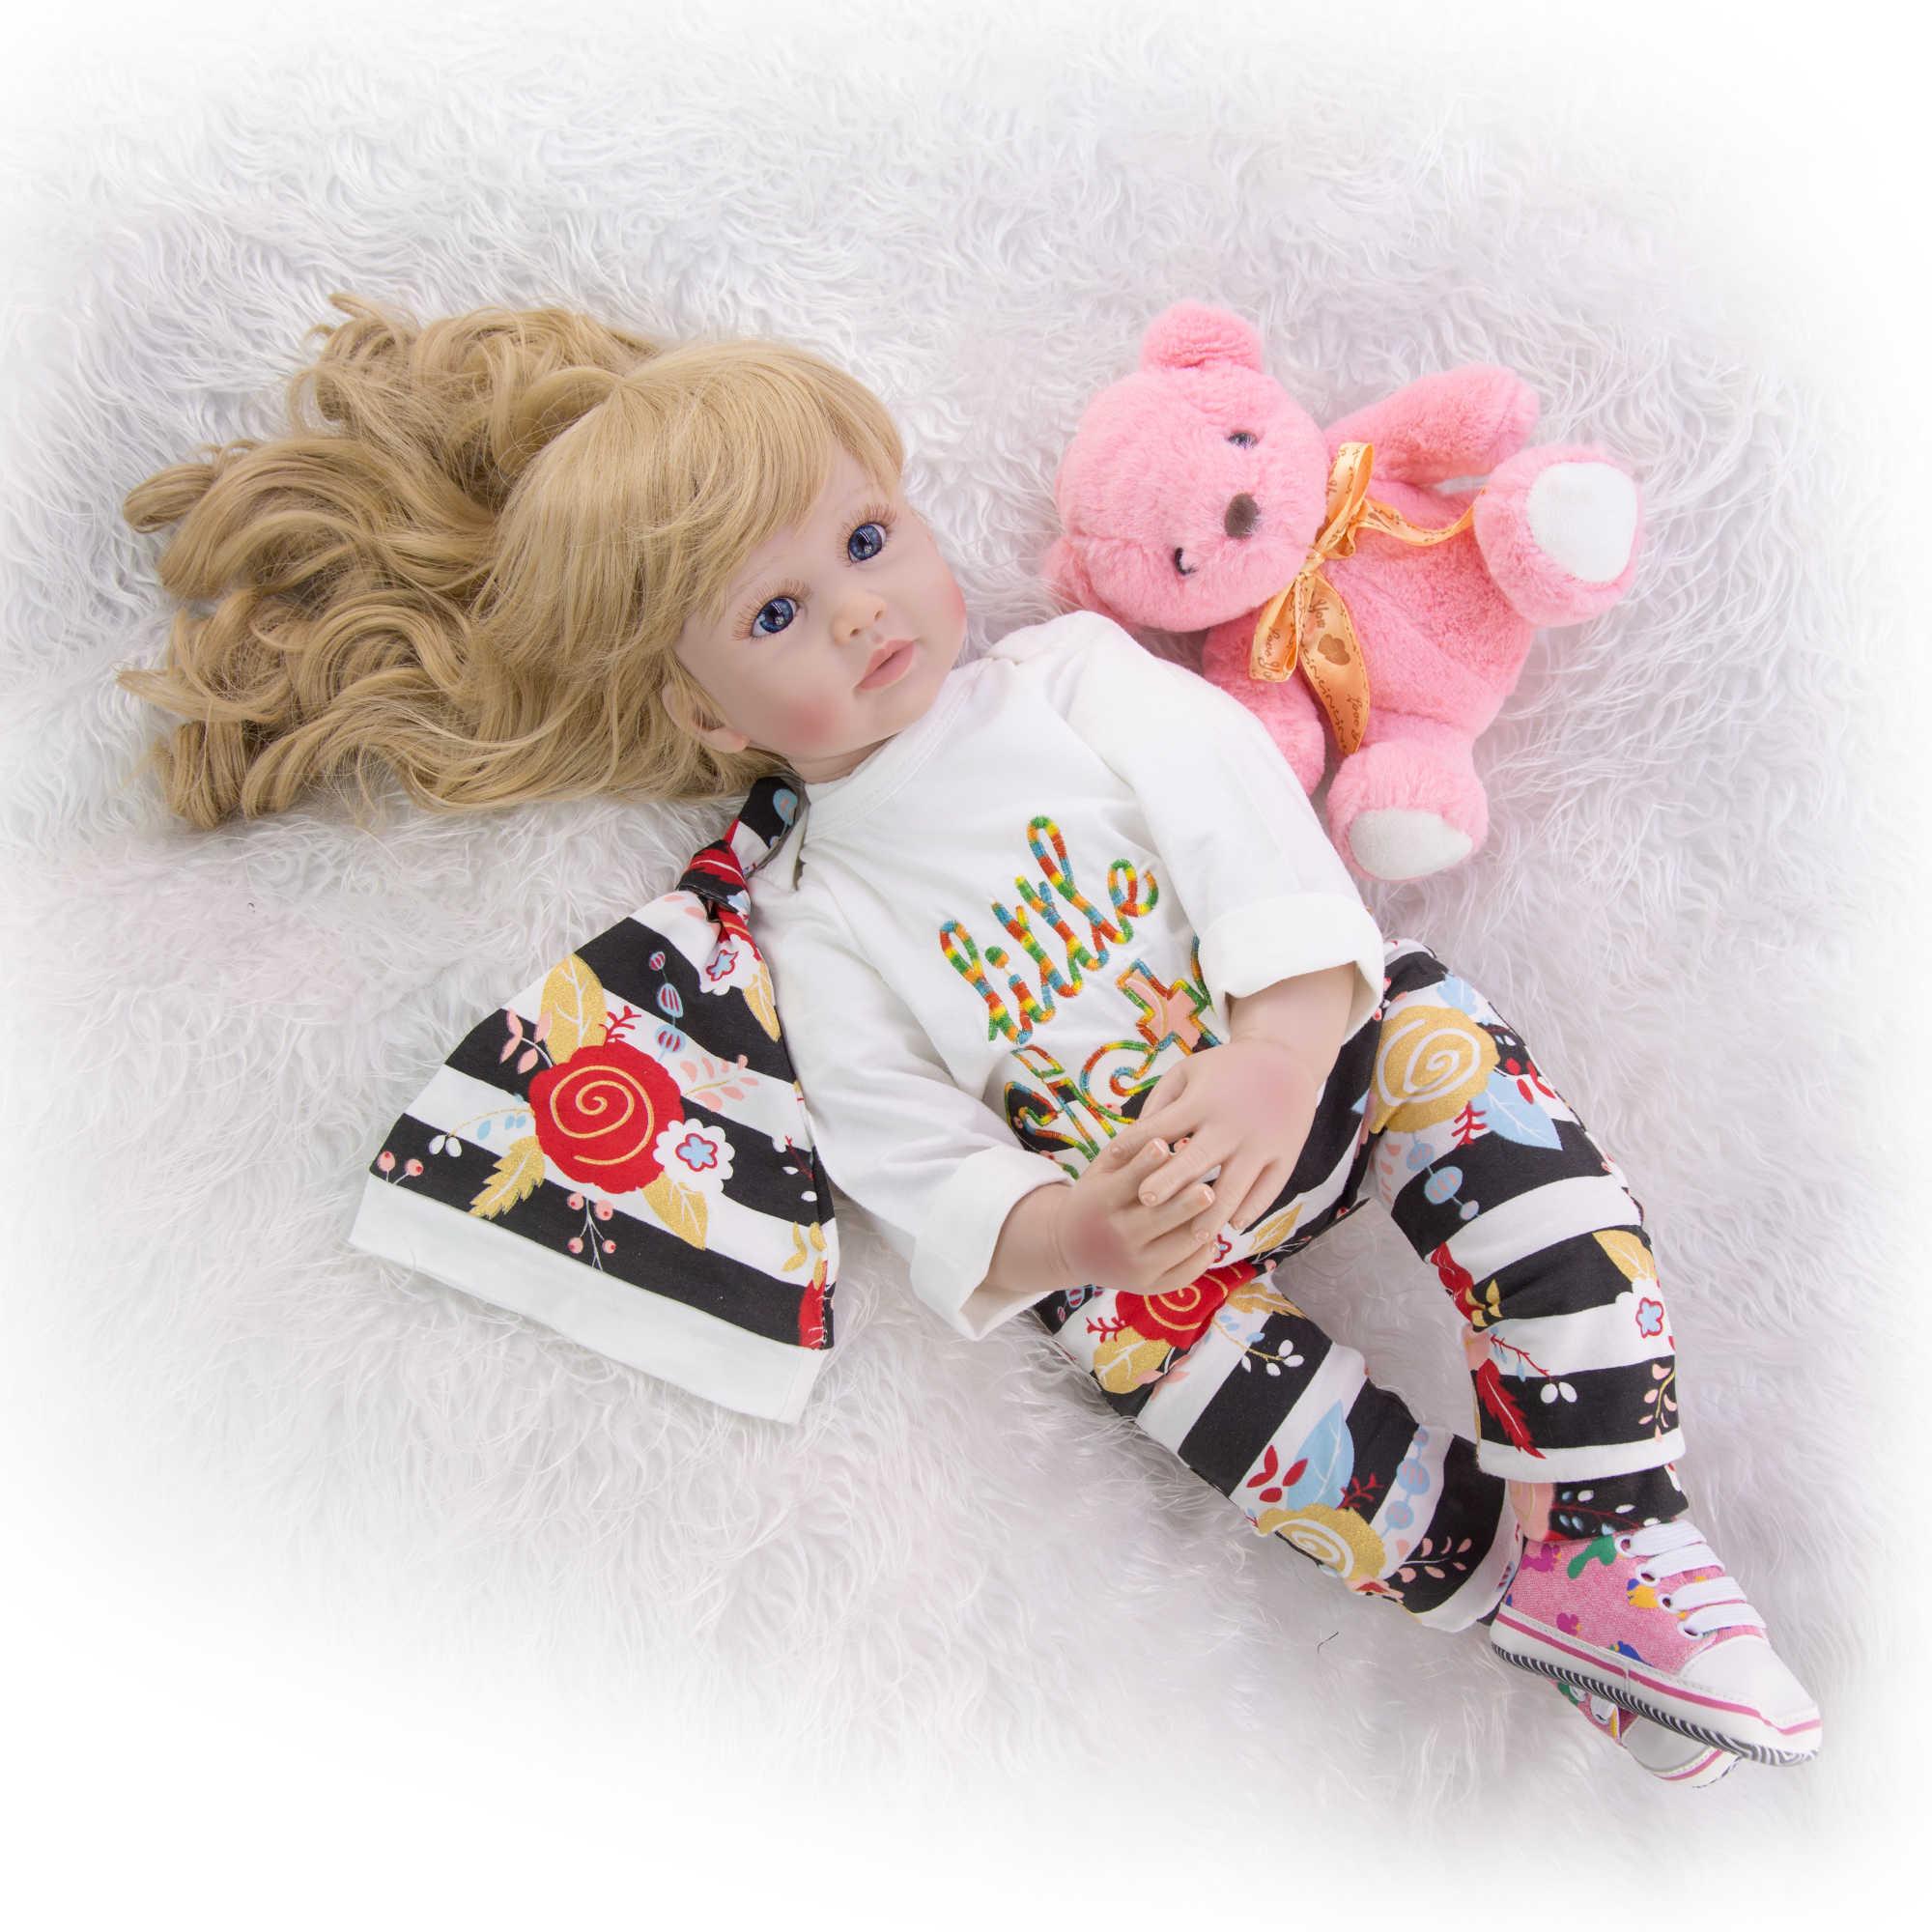 60 см силиконовая Мягкая виниловая Реалистичная кукла-младенец кукла принцессы с светлыми волосами для девочек Brinquedos подарок на день рождения игрушки куклы